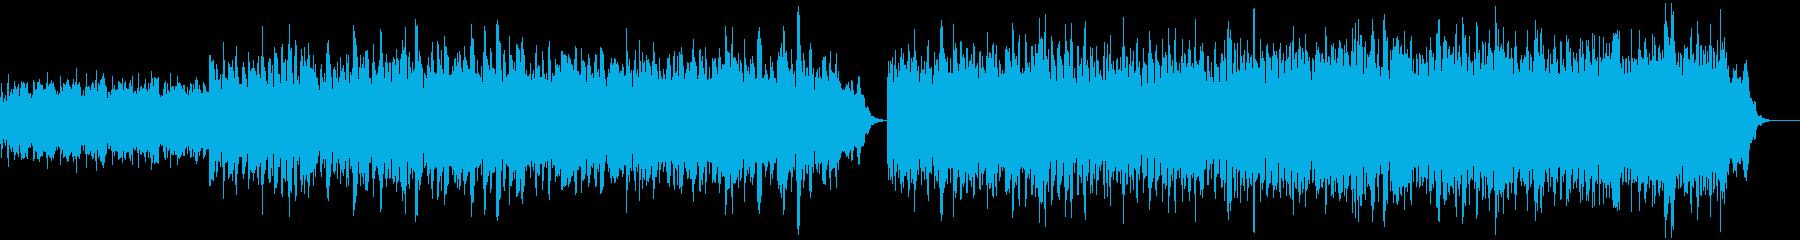 プログレッシブ 交響曲 エピック ...の再生済みの波形